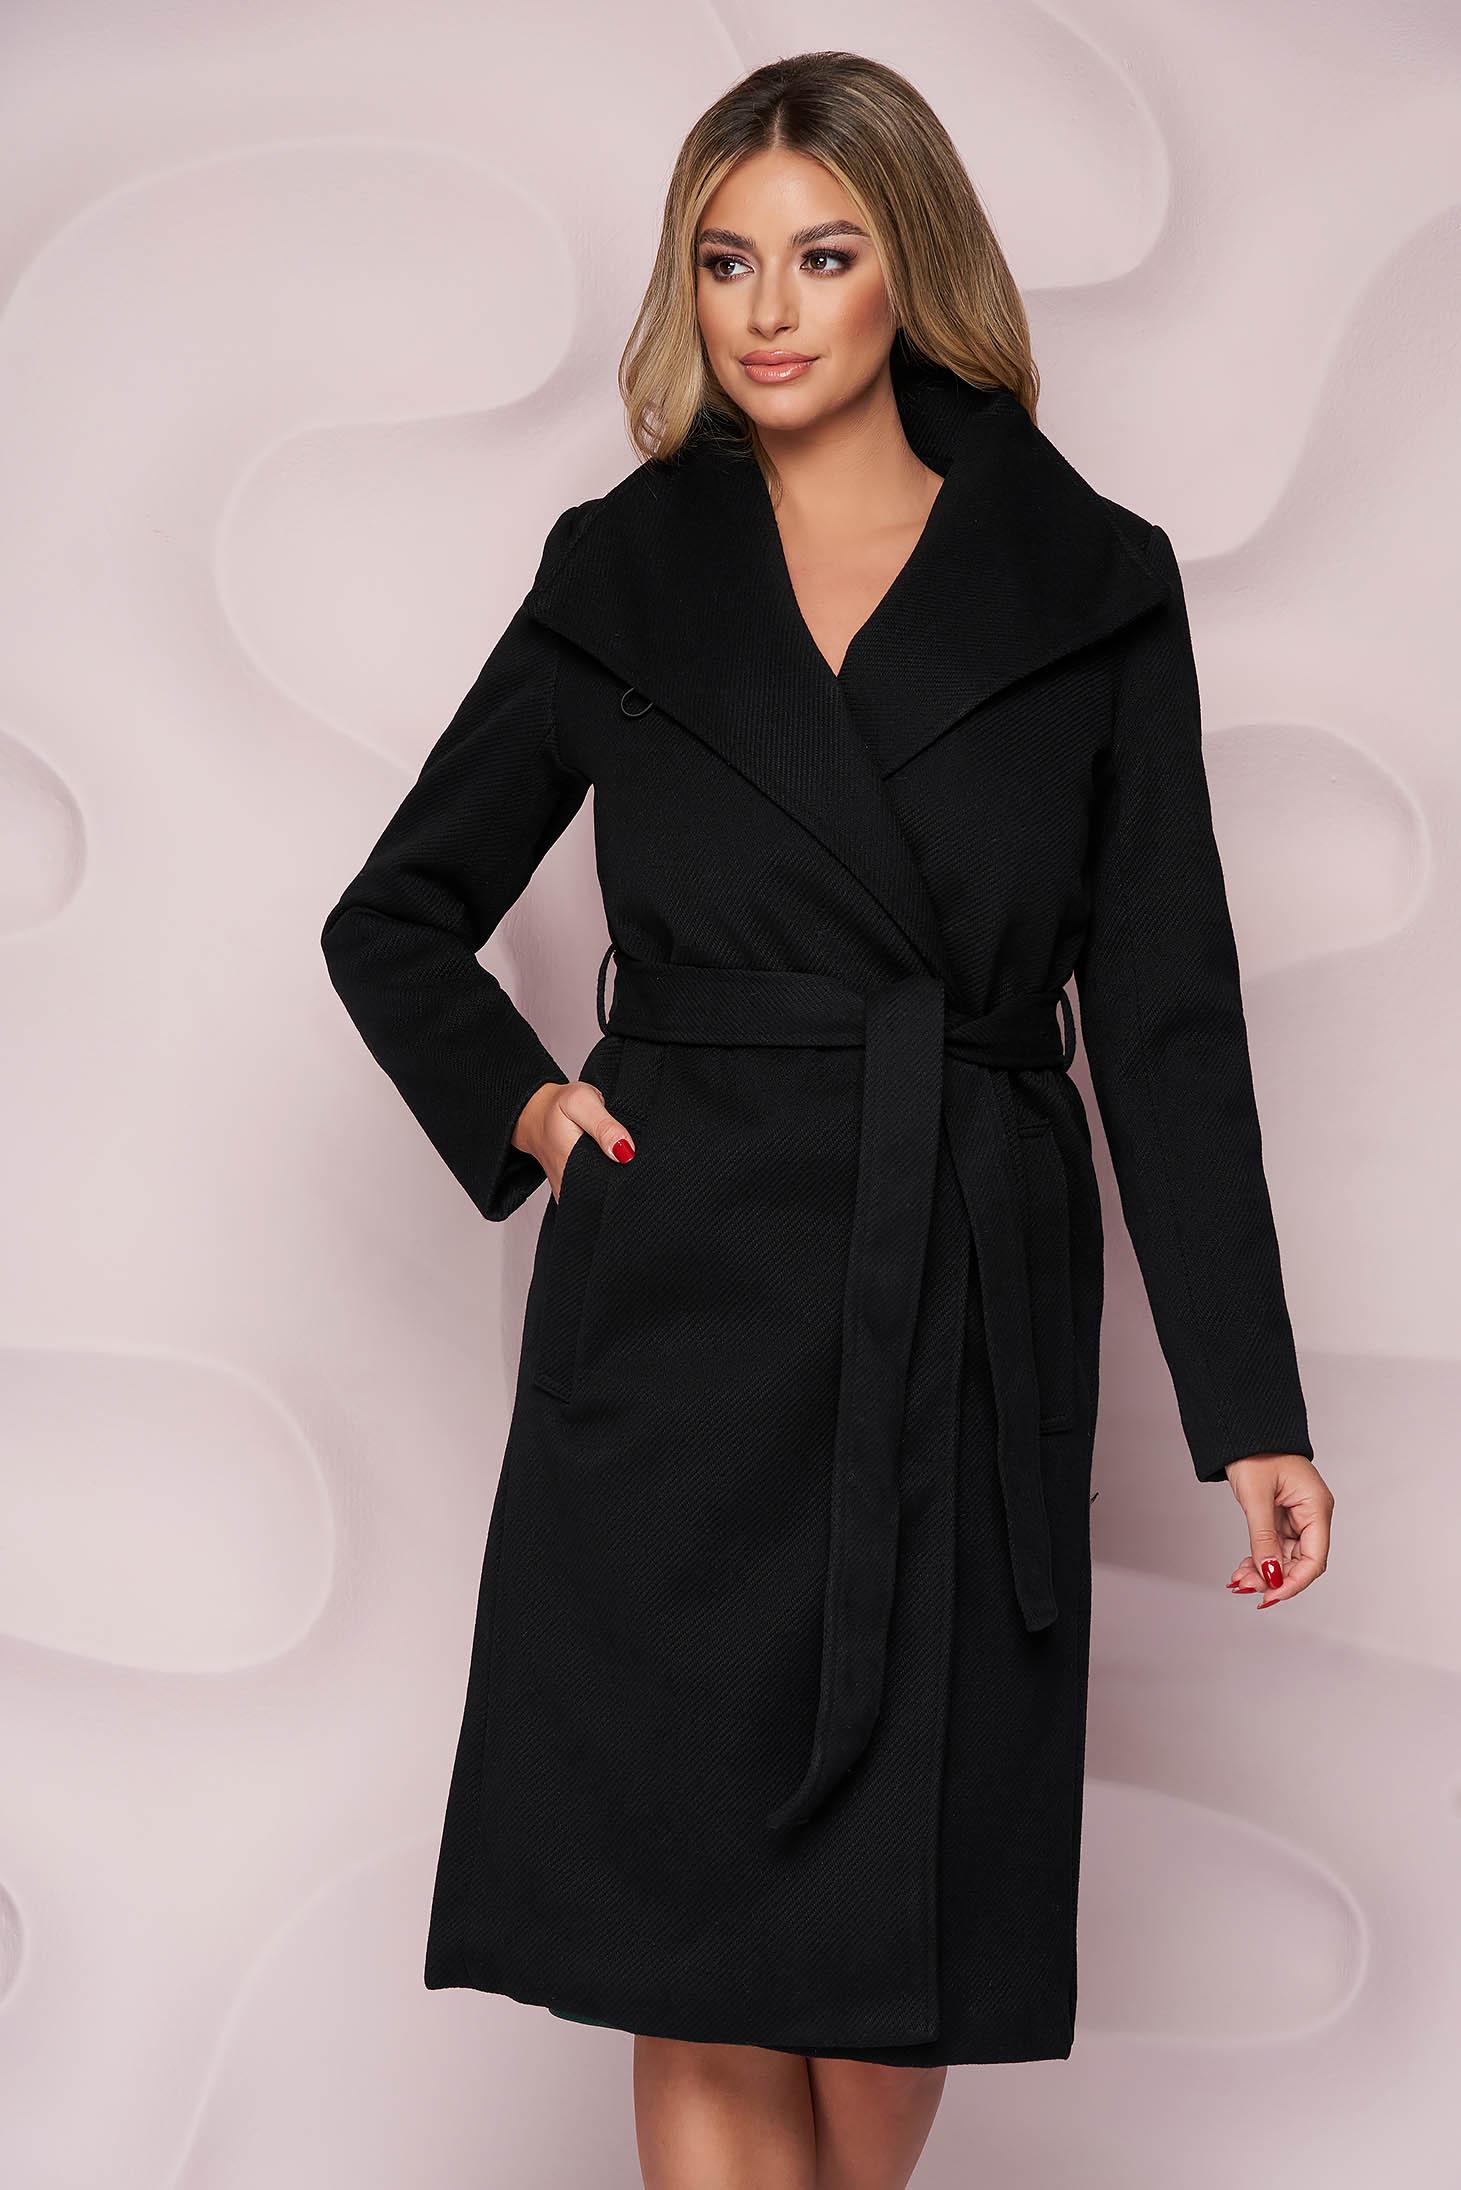 Fekete egyenes szabású kabát vastag anyagból, eltávolítható övvel és bundabélessel ellátva